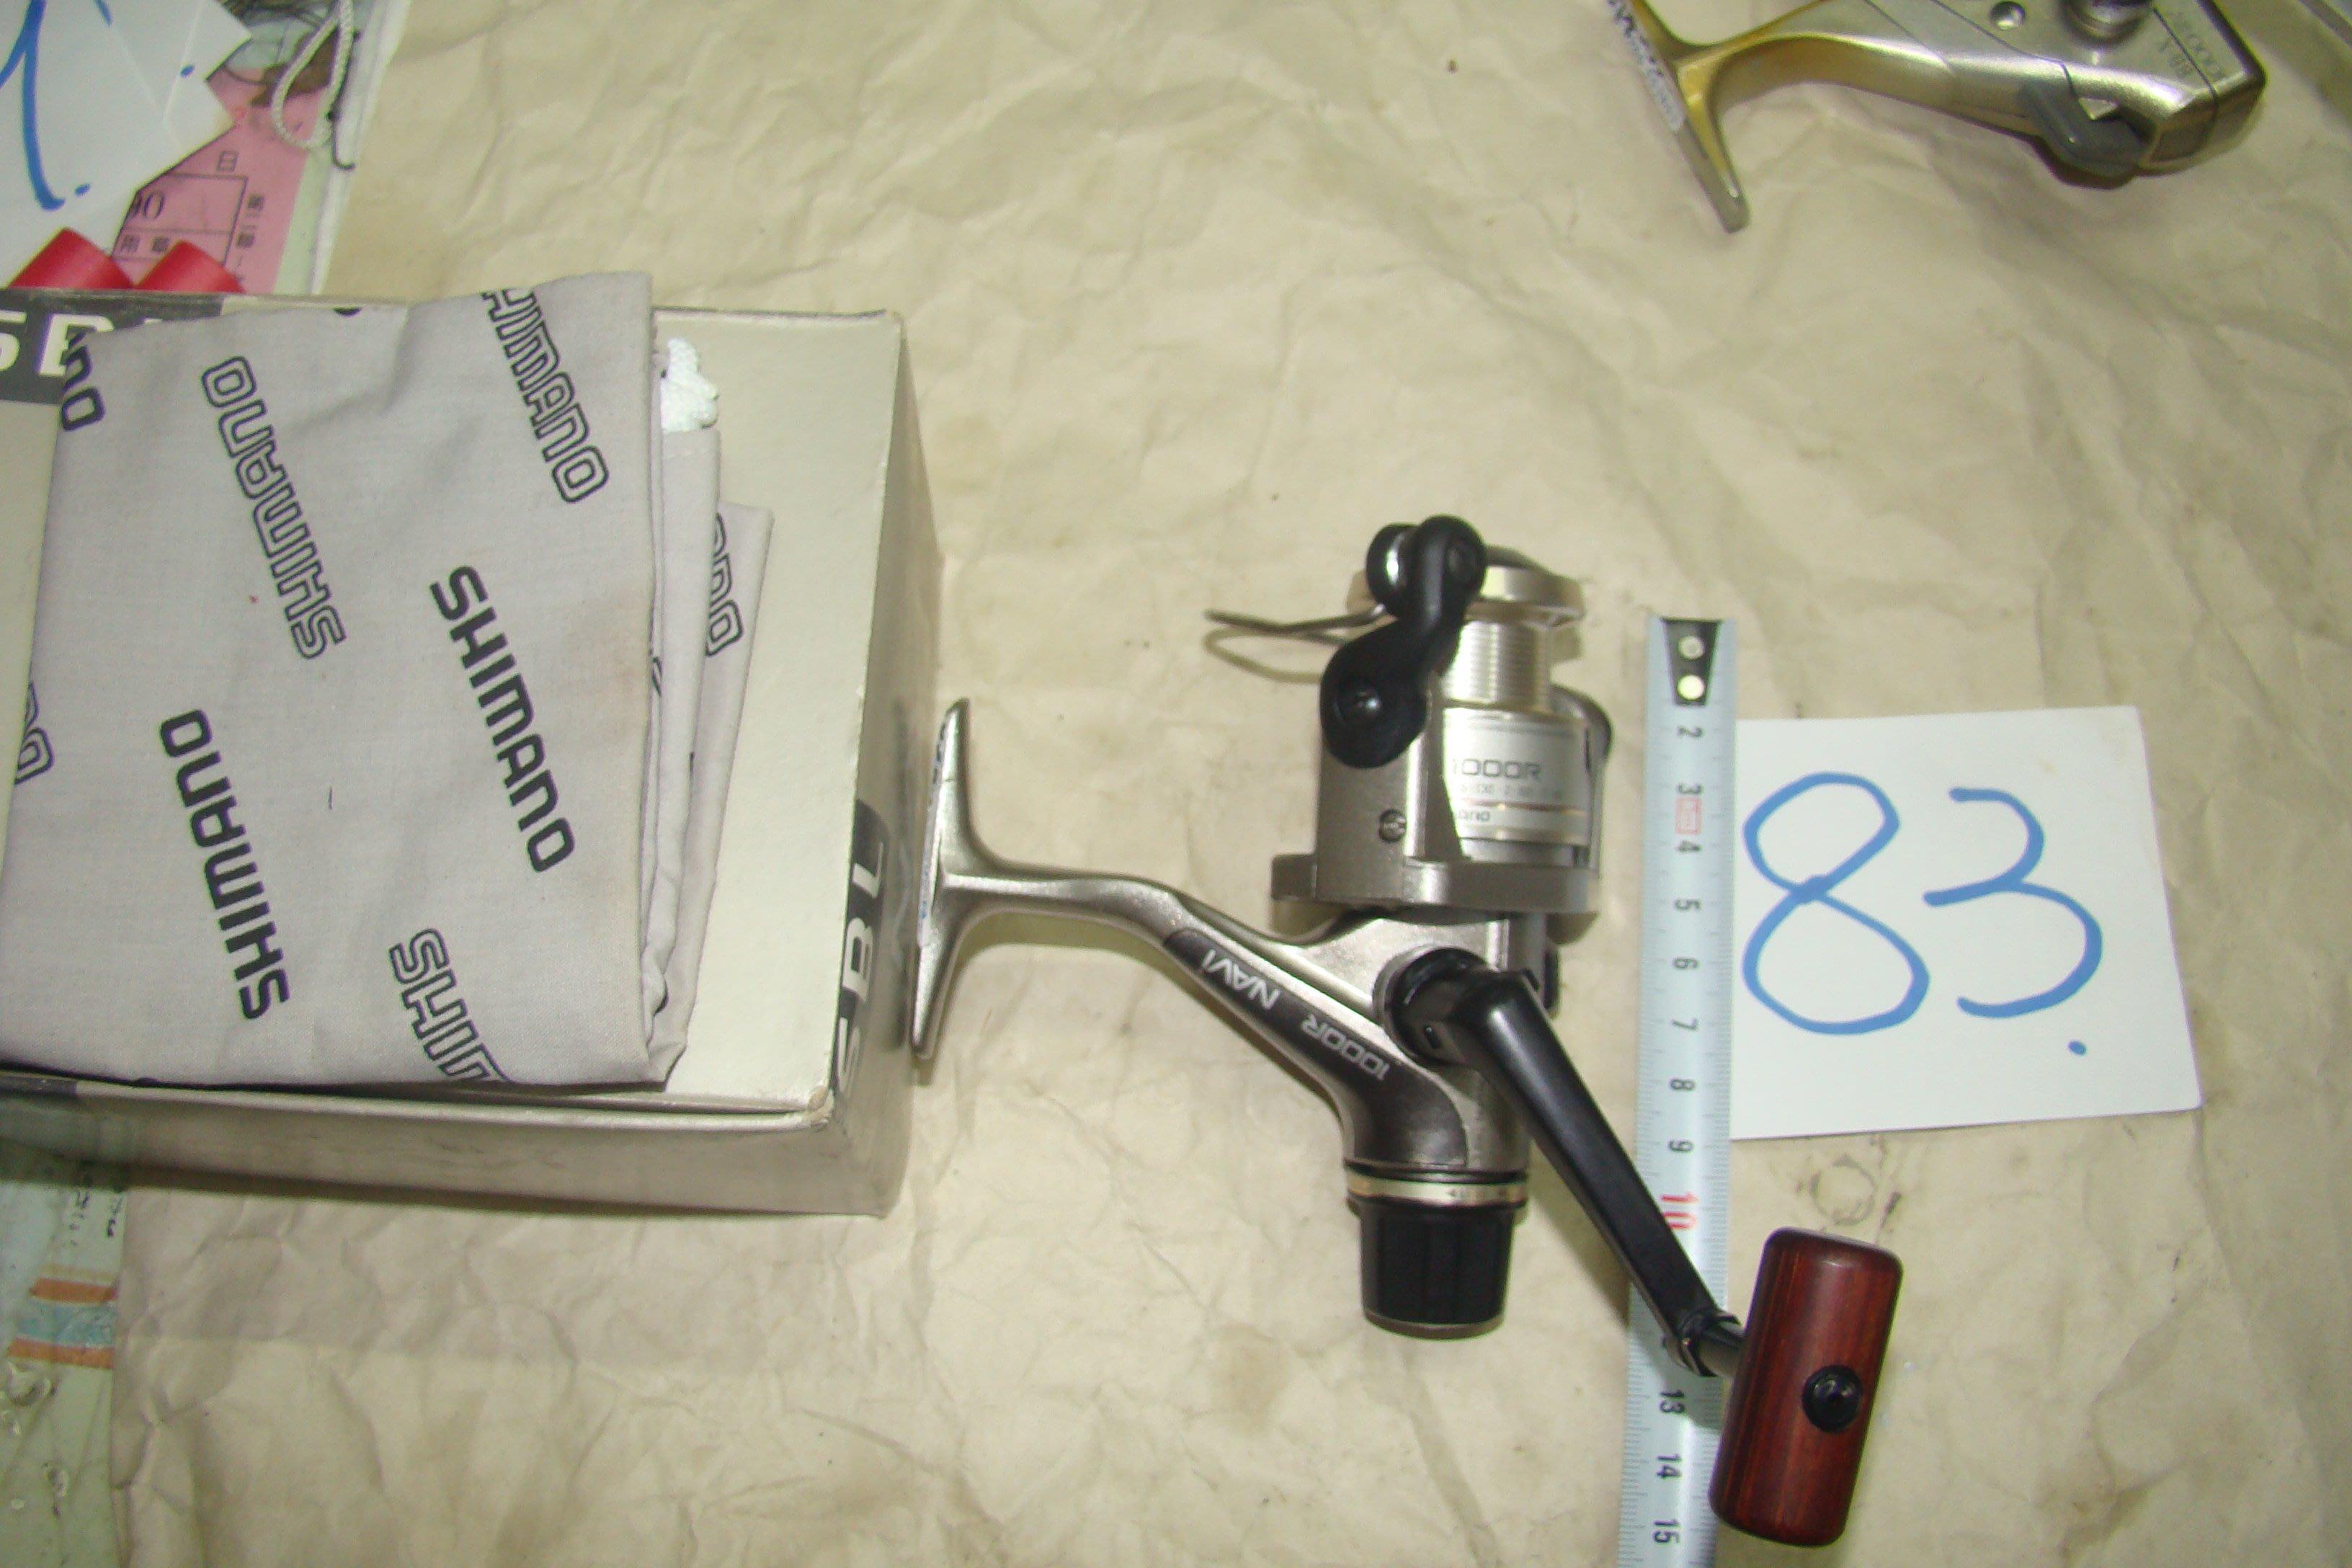 采潔日本二手外匯釣具 SHIMANO 1000型 二手釣竿 二手  捲線器  二手釣具中古 二手編號K83